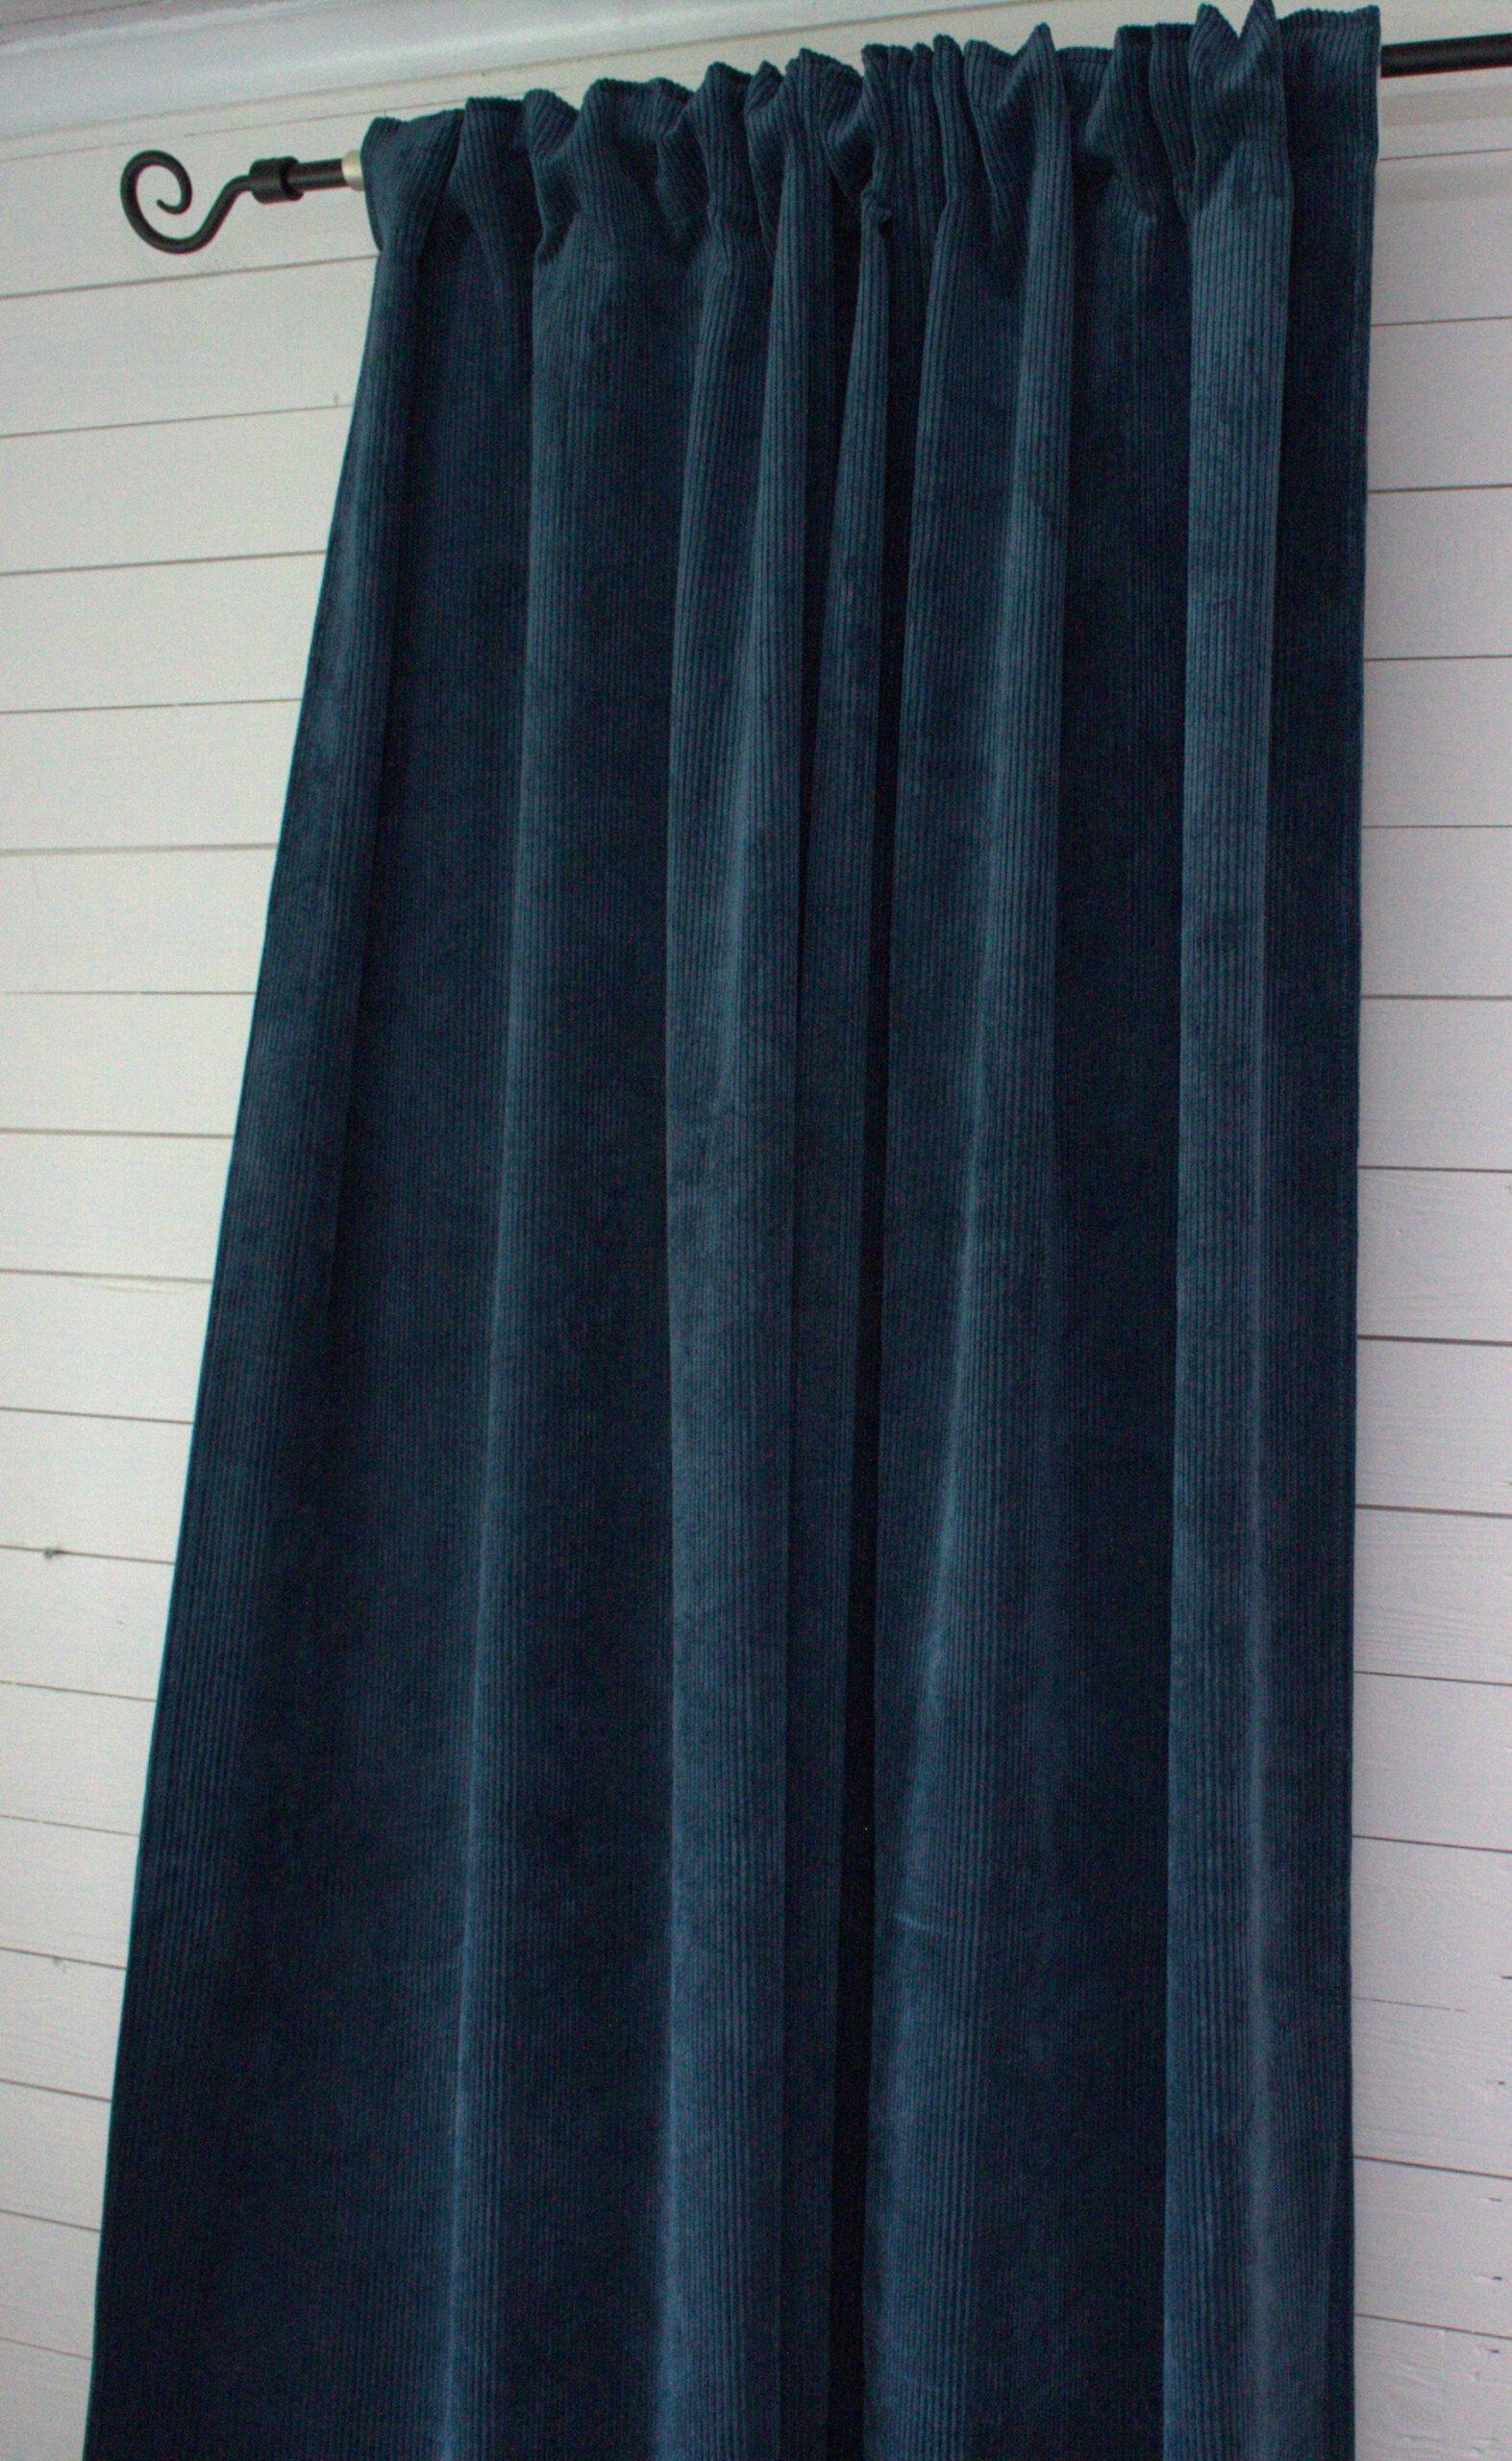 Full Size of Vorhang Suna Samt Kord Petrol 140x250 Cm 2 Stck Blickdicht Scheibengardinen Küche Wohnzimmer Scheibengardinen Blickdicht